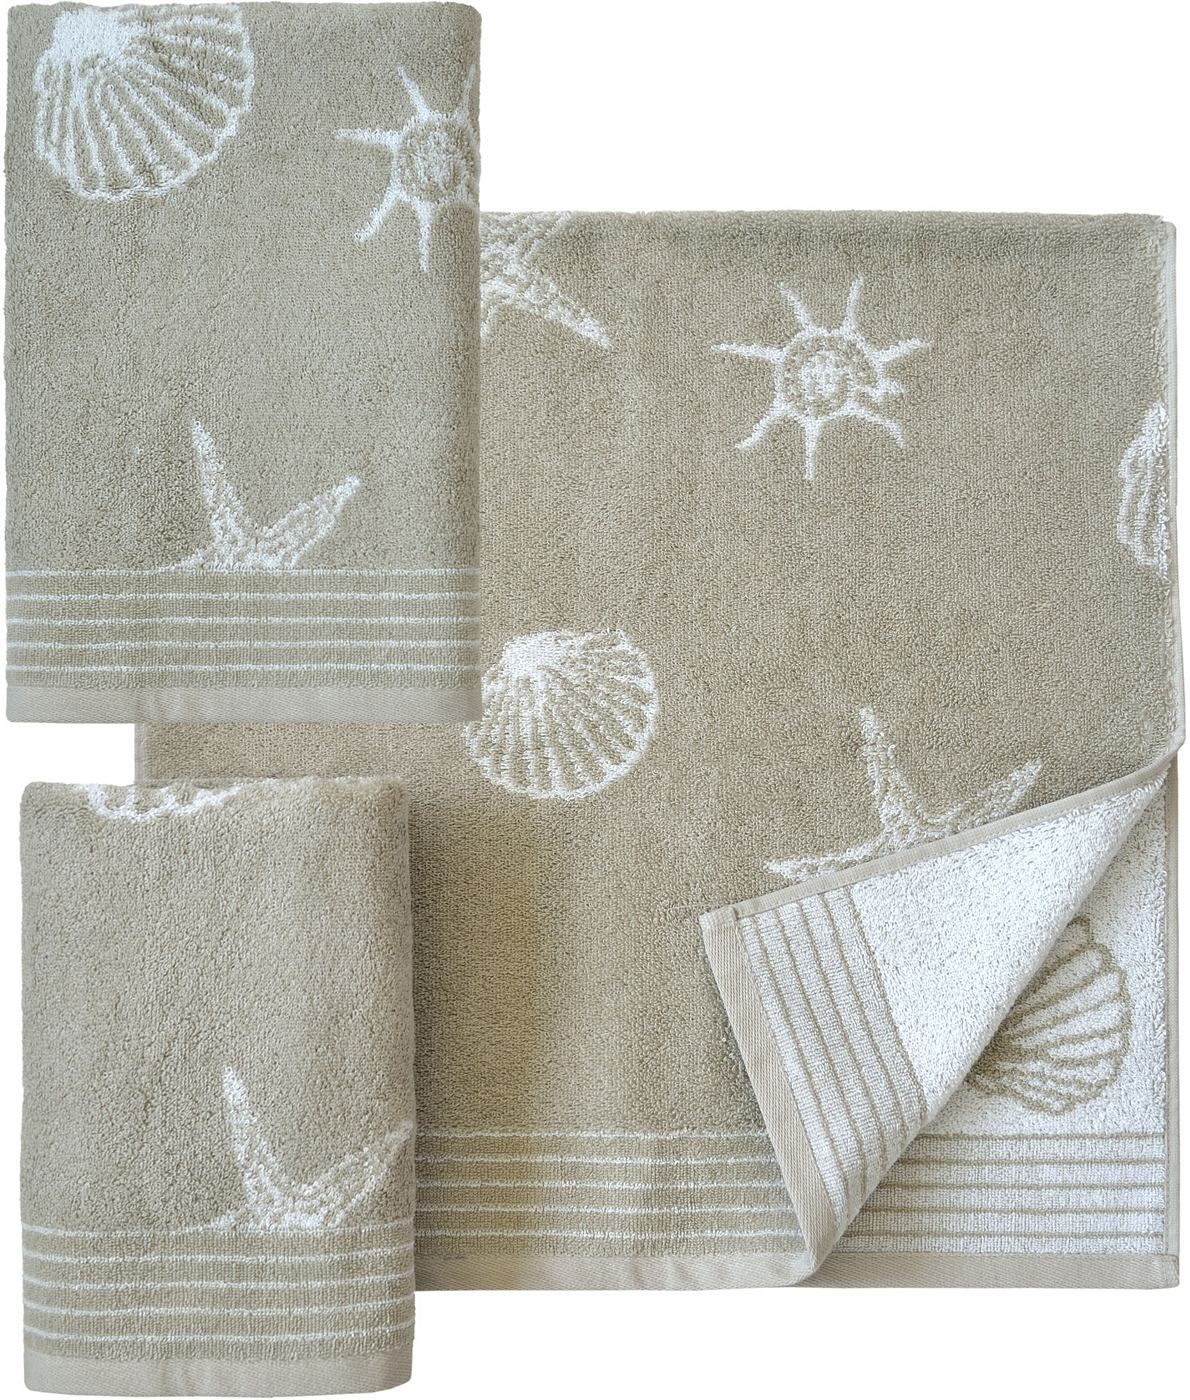 Maritime Farben handtuch set dyckhoff seashell mit muschelmuster handtücher